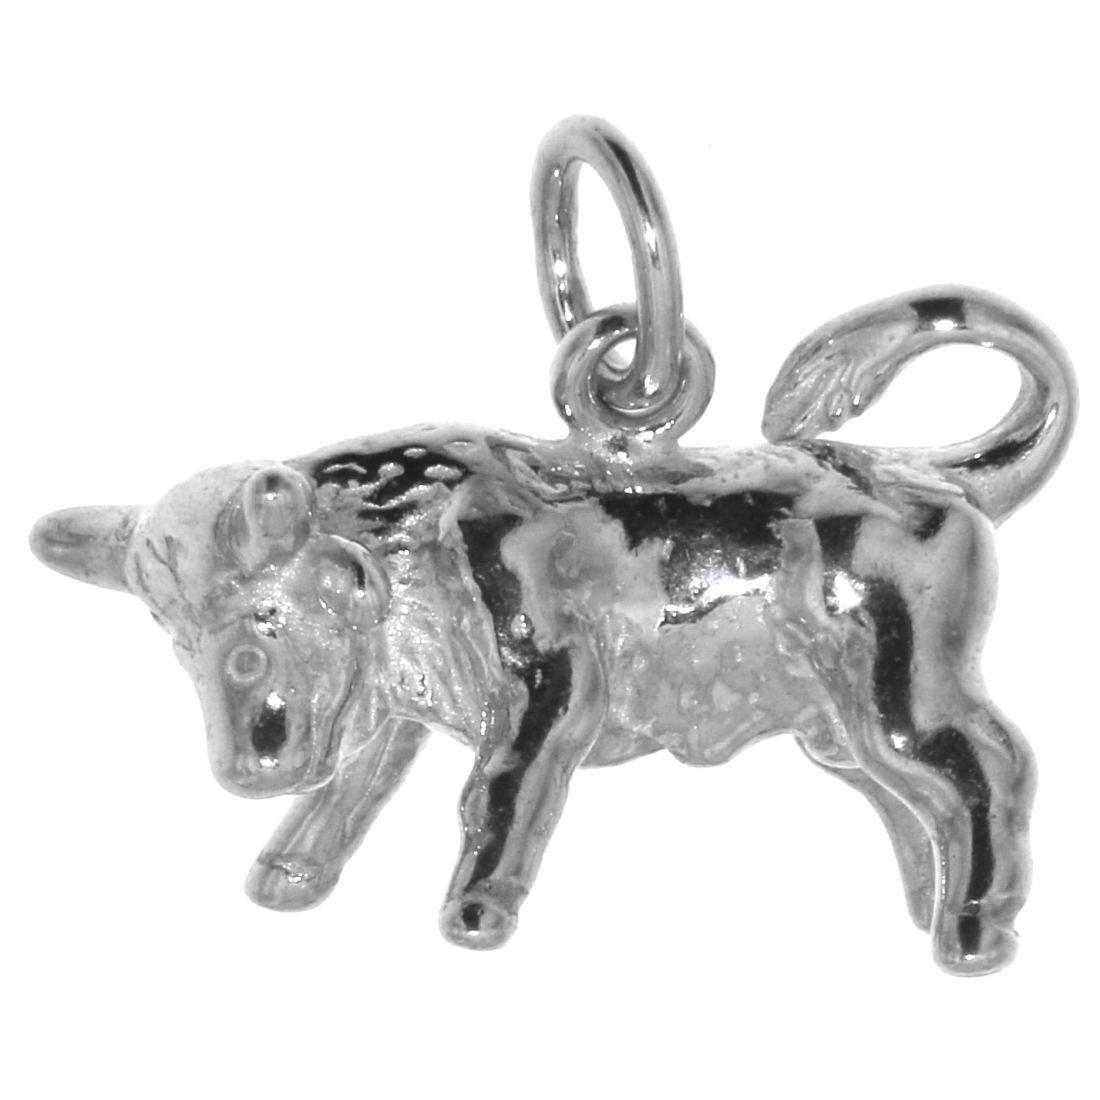 Derby Anhänger Stier Tierkreiszeichen Sternzeichen massiv echt Silber 23516 Derby International